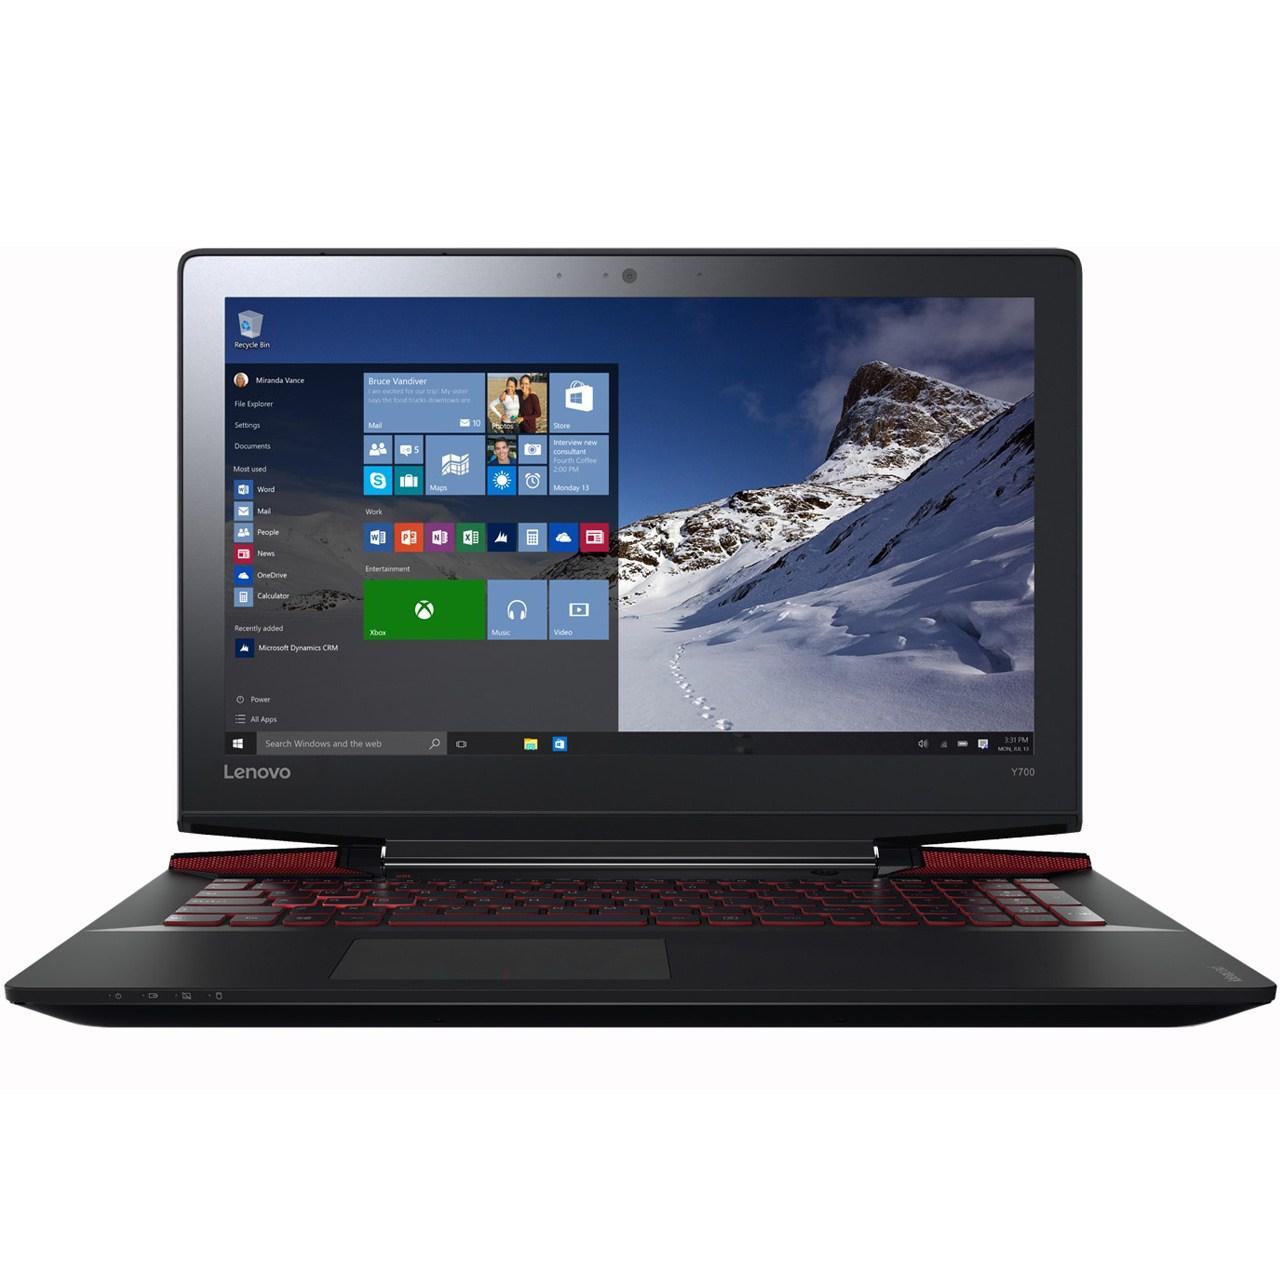 لپ تاپ 15 اینچی لنوو مدل Ideapad Y700 - D